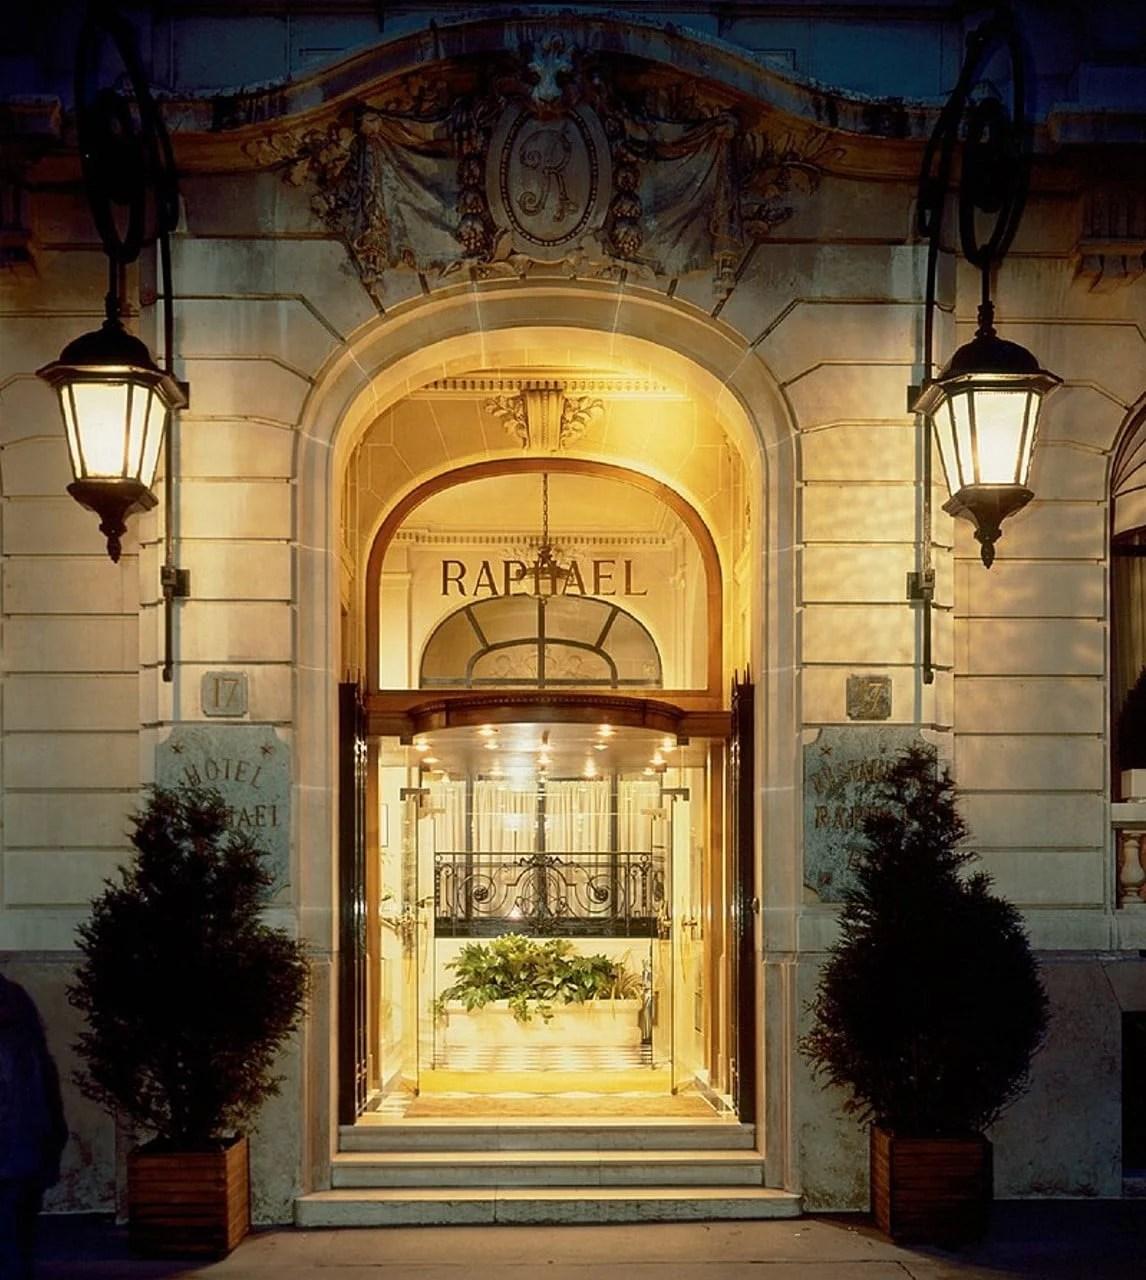 L'entrée de l'hôtel Raphael rue Kléber à Paris